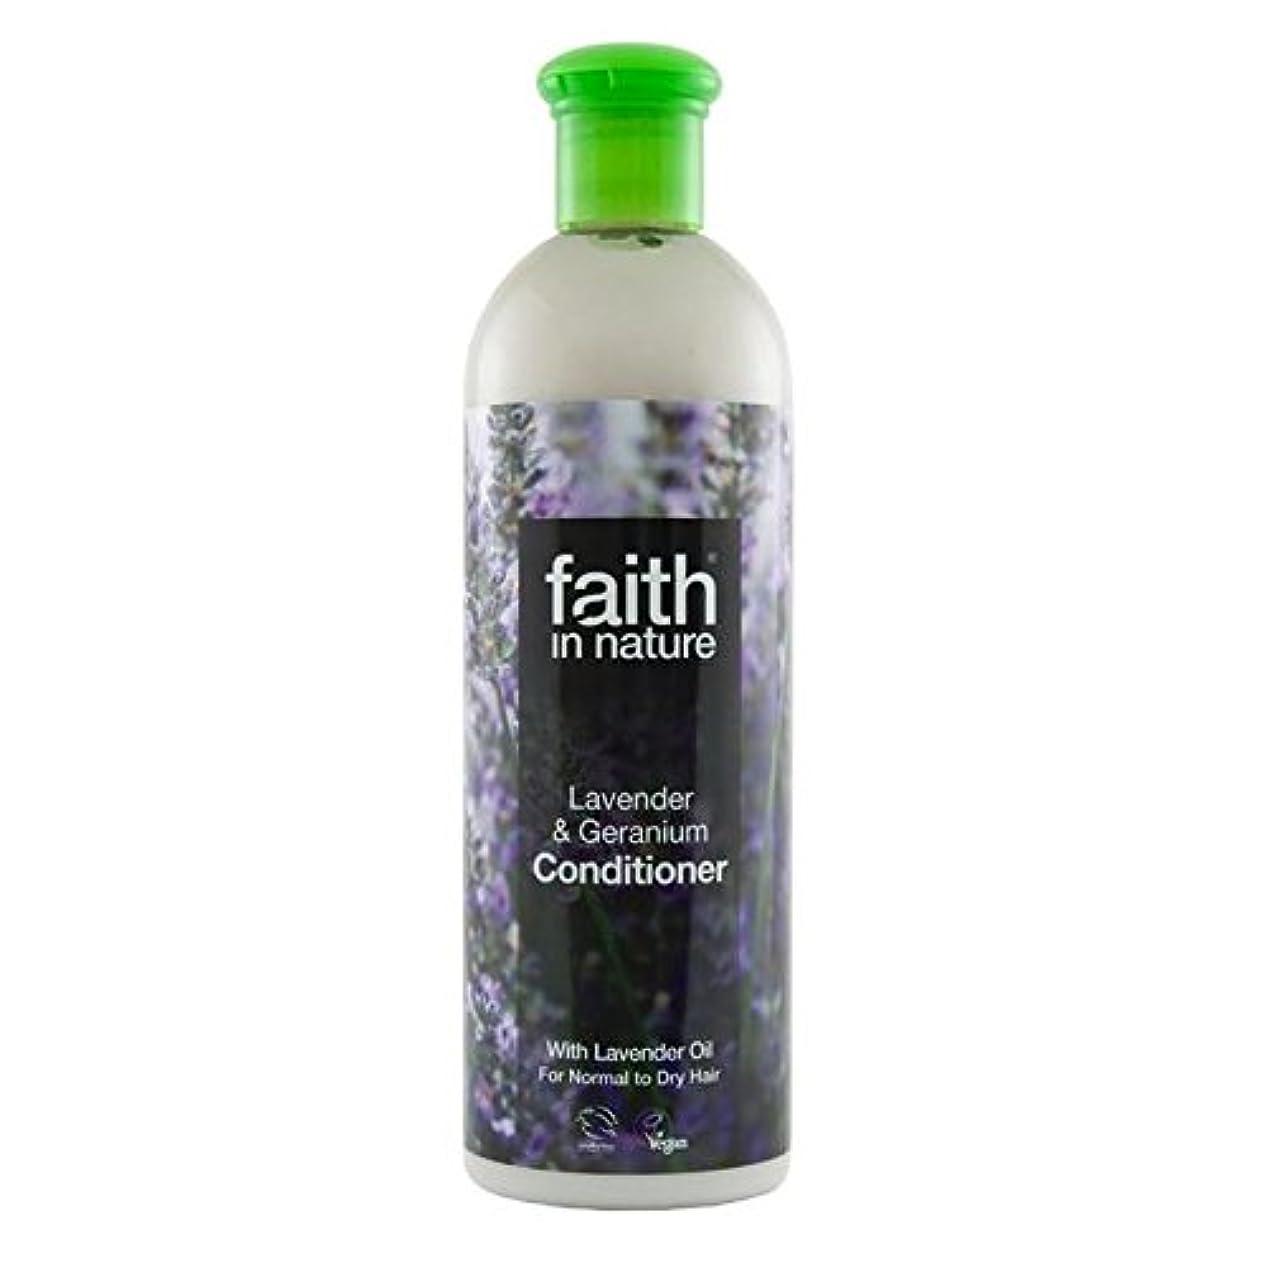 方向エンコミウム断片Faith in Nature Lavender & Geranium Conditioner 400ml (Pack of 4) - (Faith In Nature) 自然ラベンダー&ゼラニウムコンディショナー400ミリリットルの信仰 (x4) [並行輸入品]